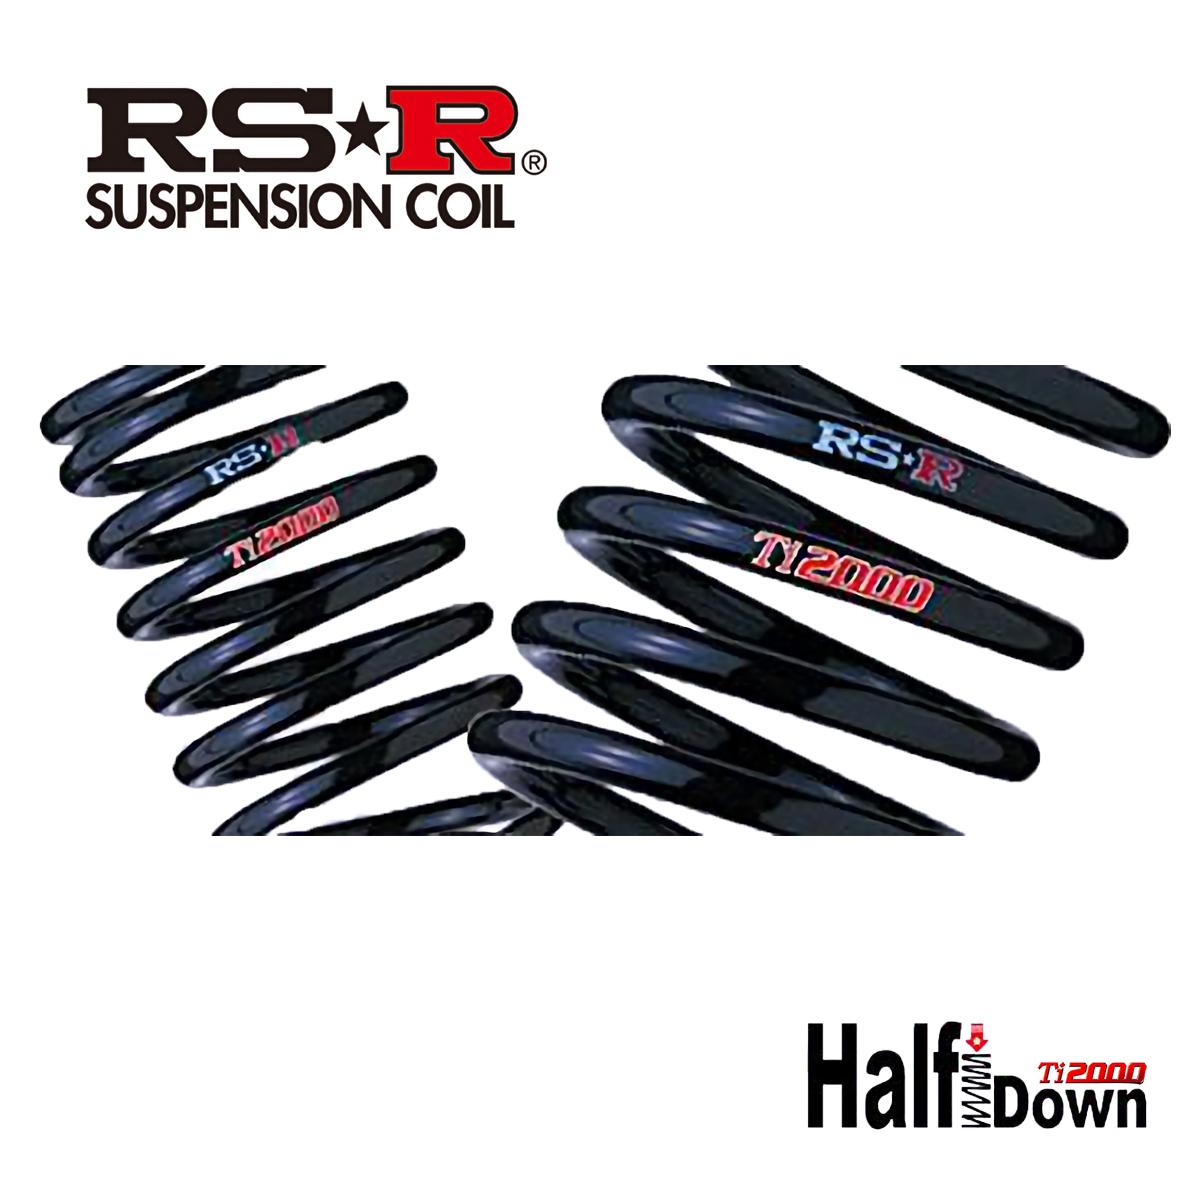 RS-R エスティマハイブリッド 4WD AHR20W ダウンサス スプリング 1台分 T505TW Ti2000 ダウン RSR 個人宅発送追金有